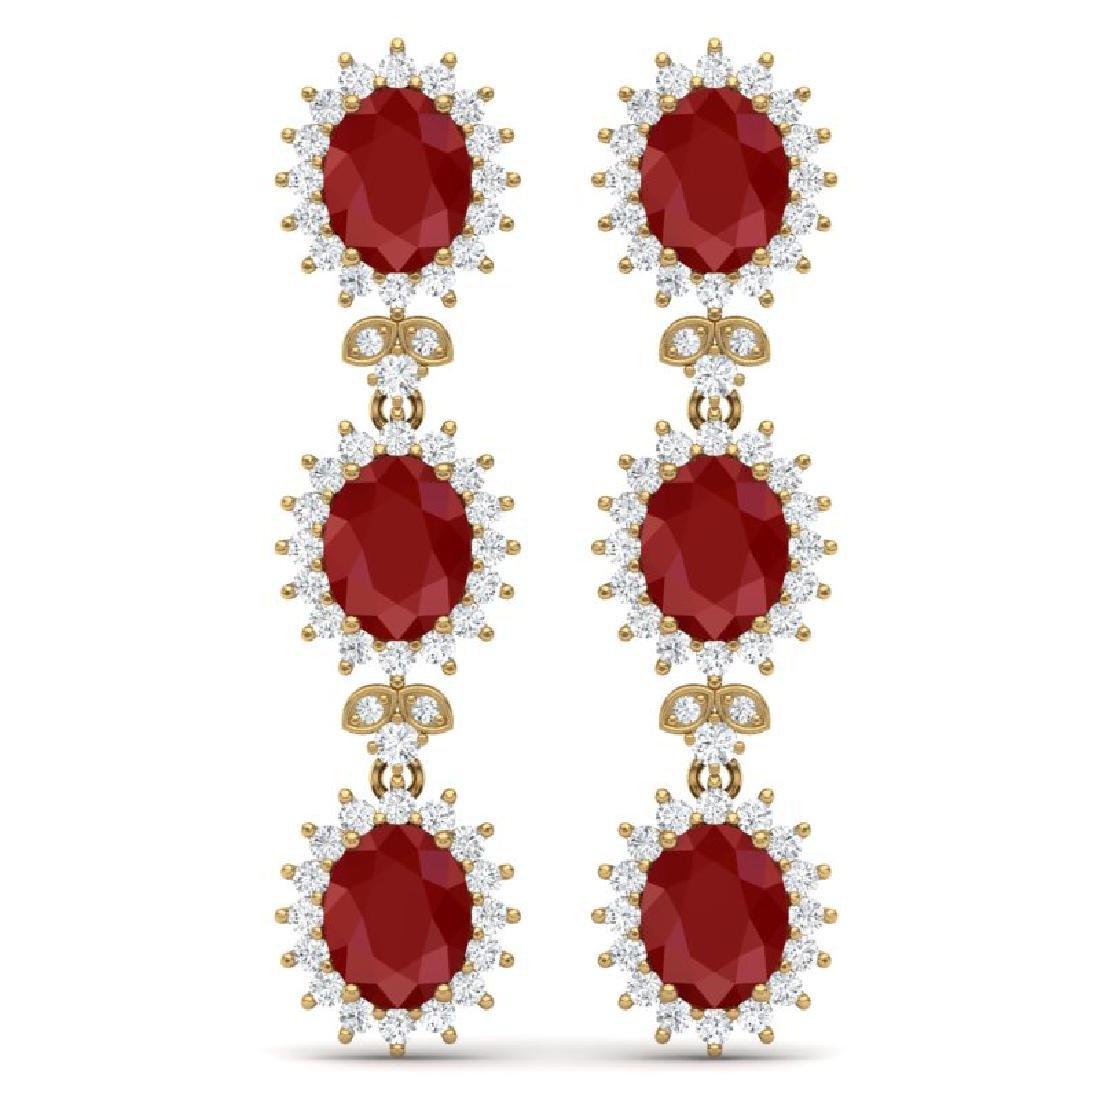 24.52 CTW Royalty Designer Ruby & VS Diamond Earrings